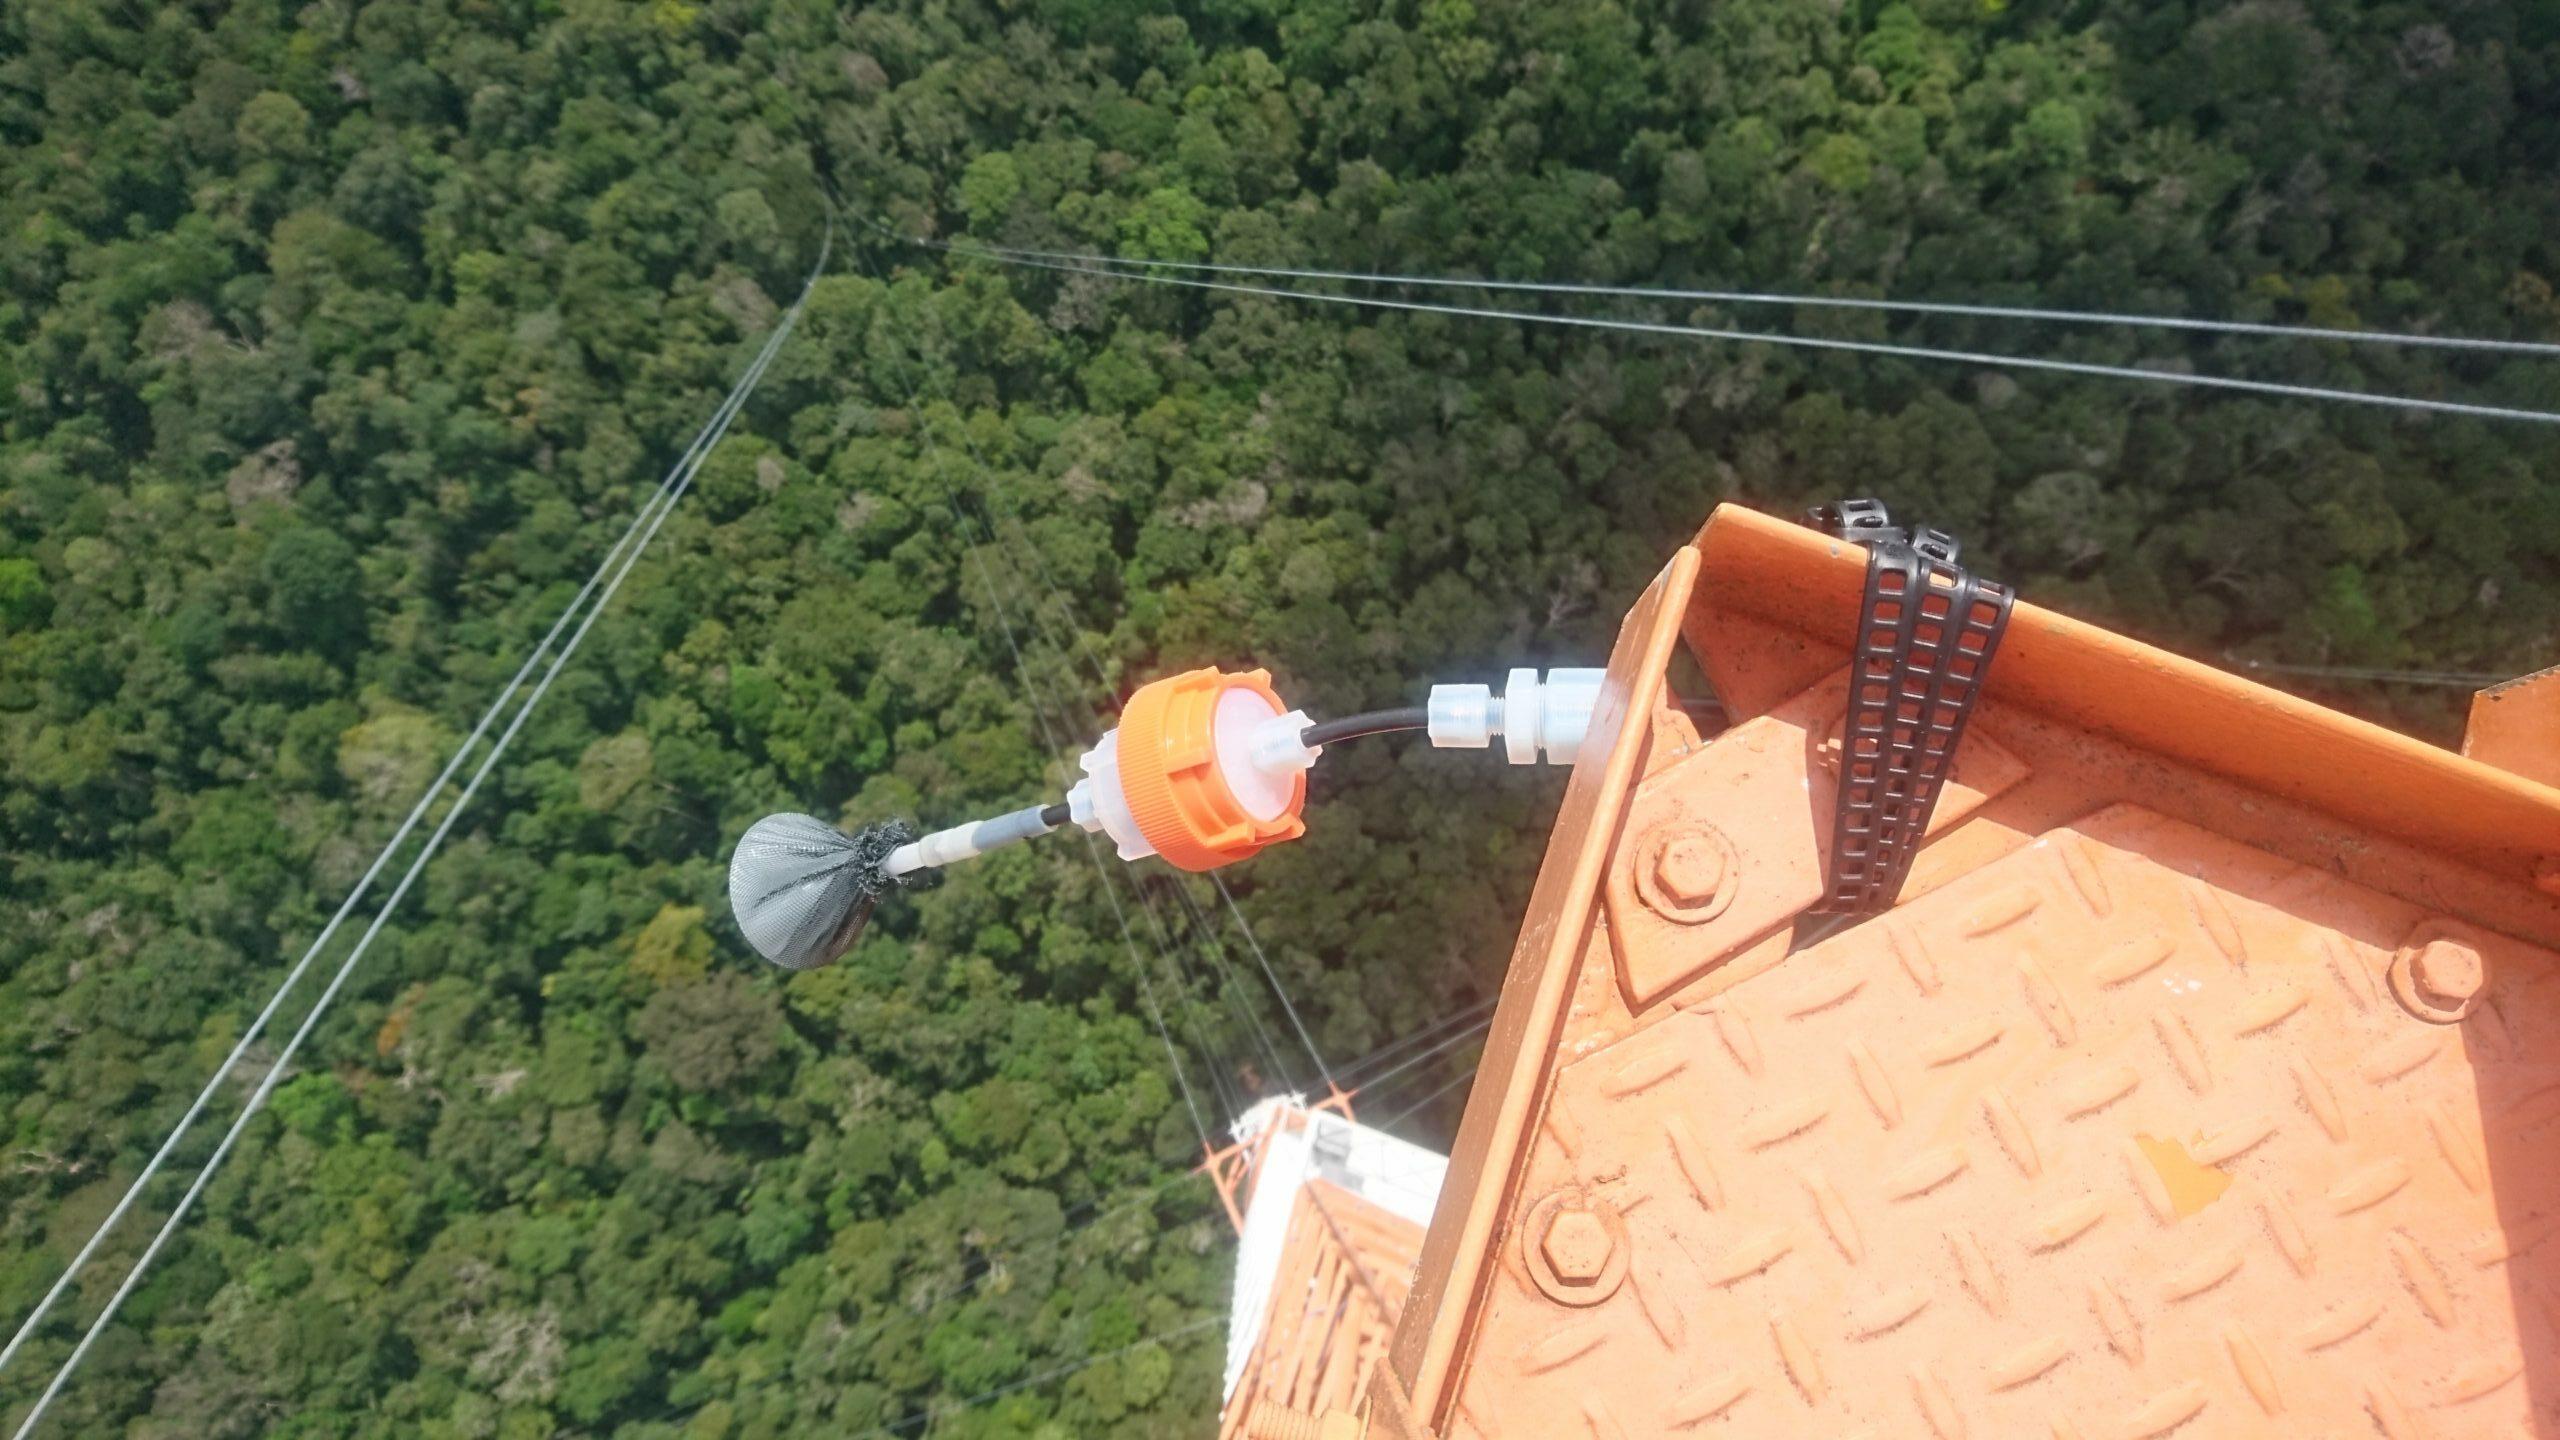 Lufteinlassschlauch an der Spitze des ATTO-Turms. © Eva Pfannerstill / MPI-C